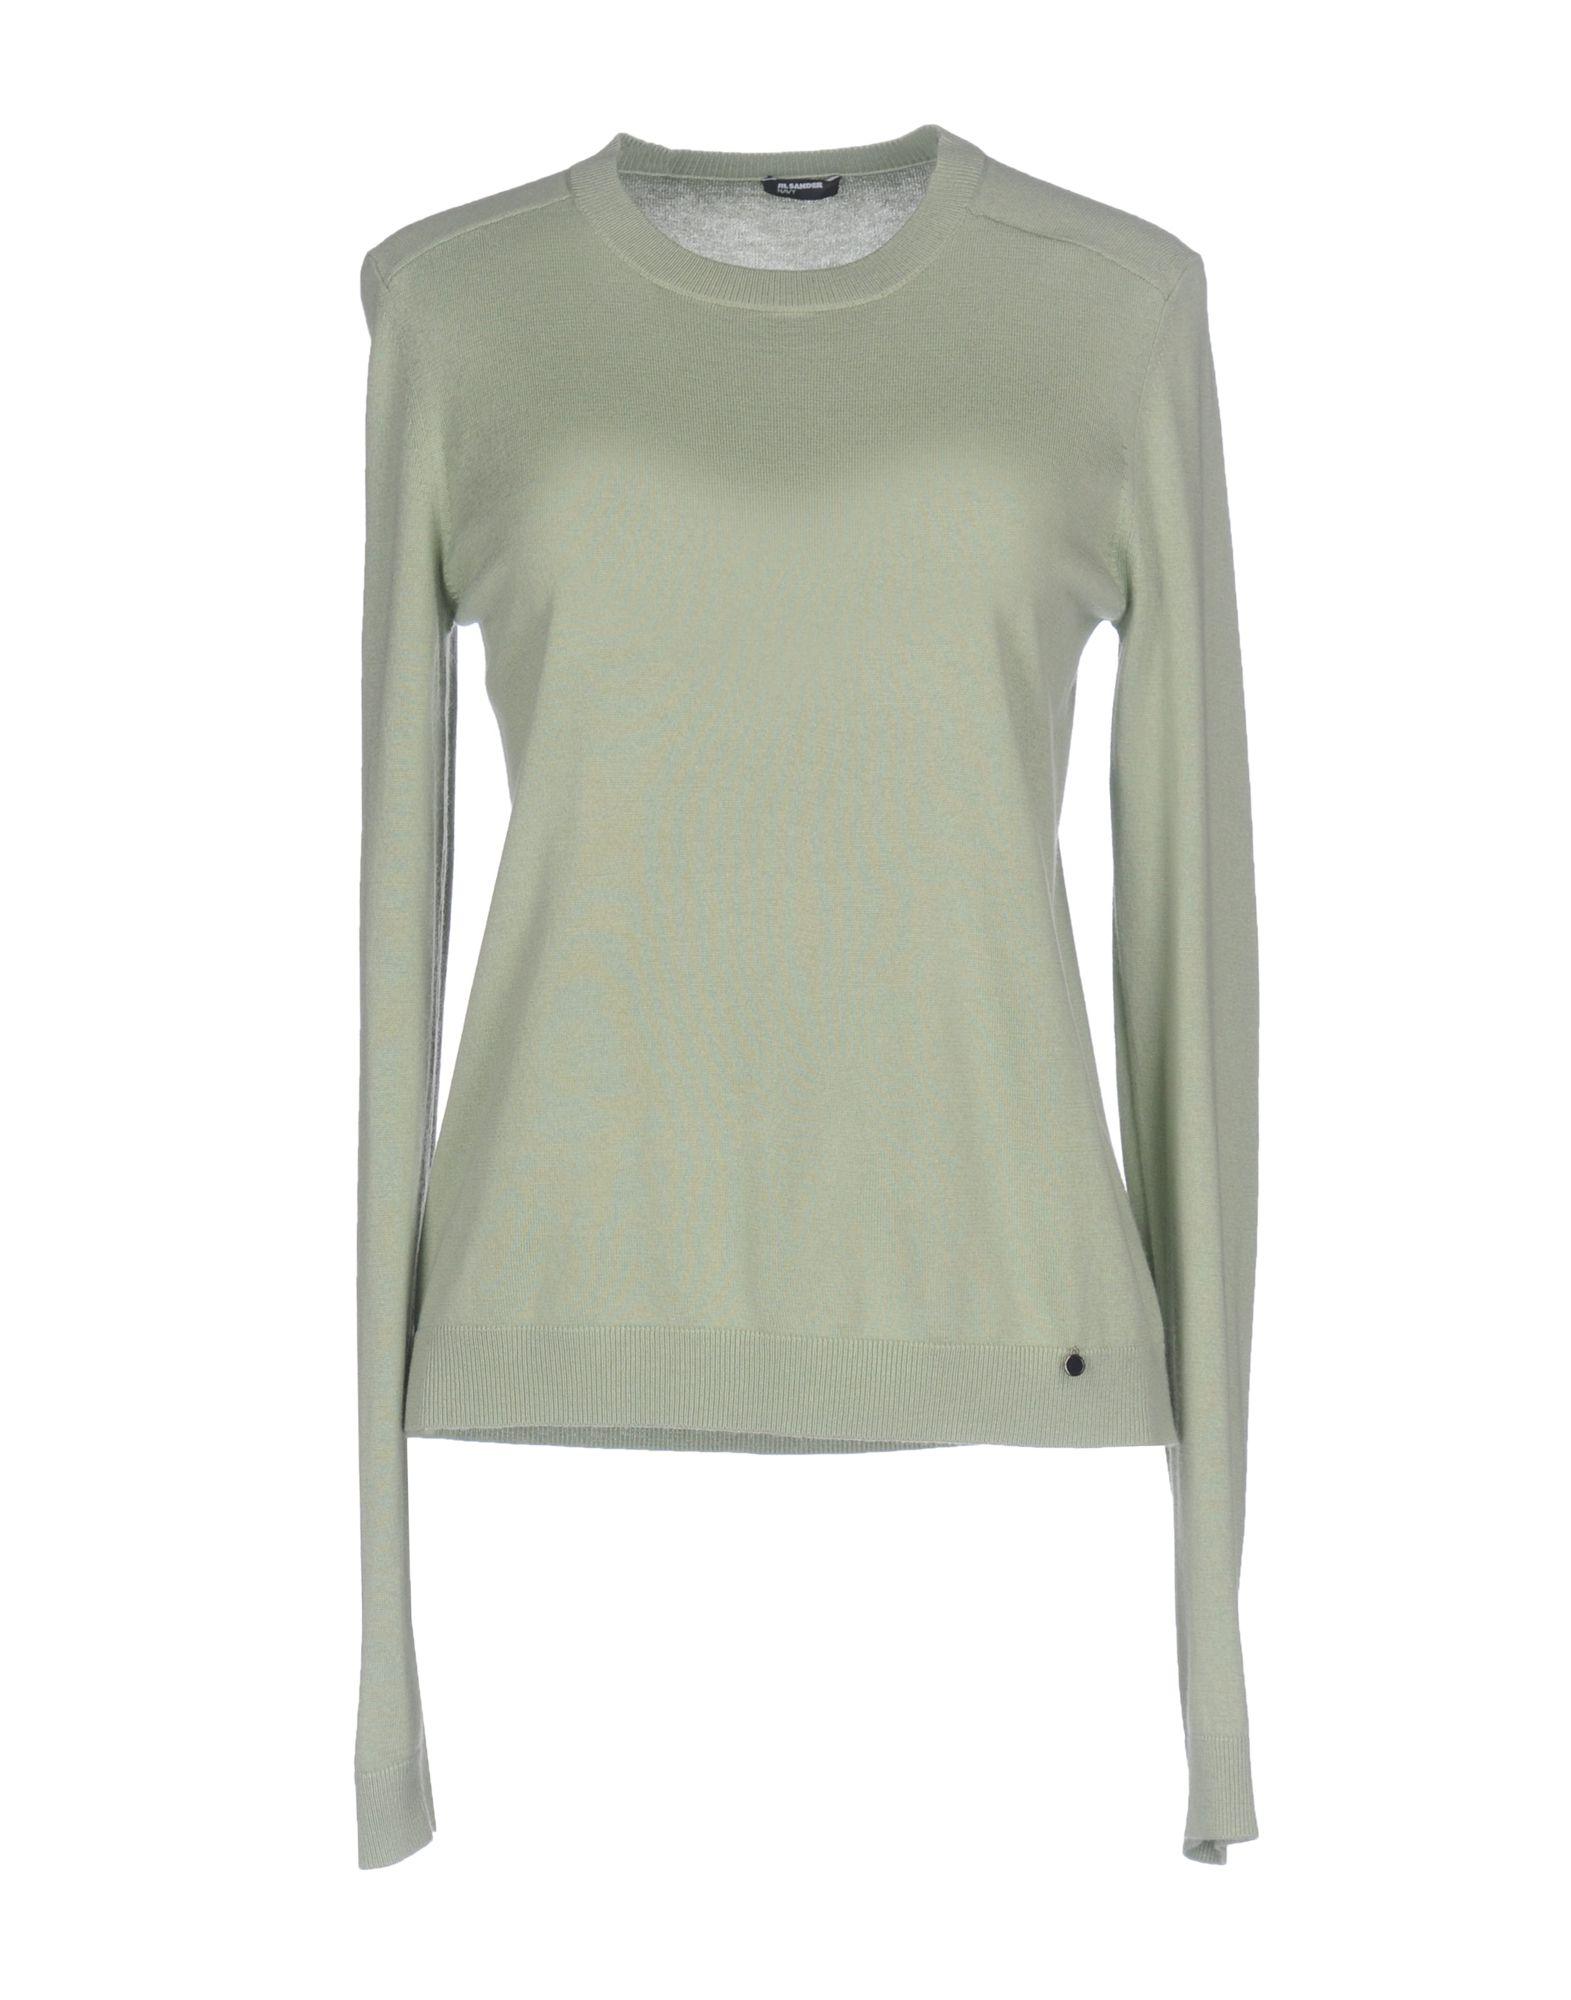 Pullover Jil Sander Navy Donna - Acquista online su HOK8oH1